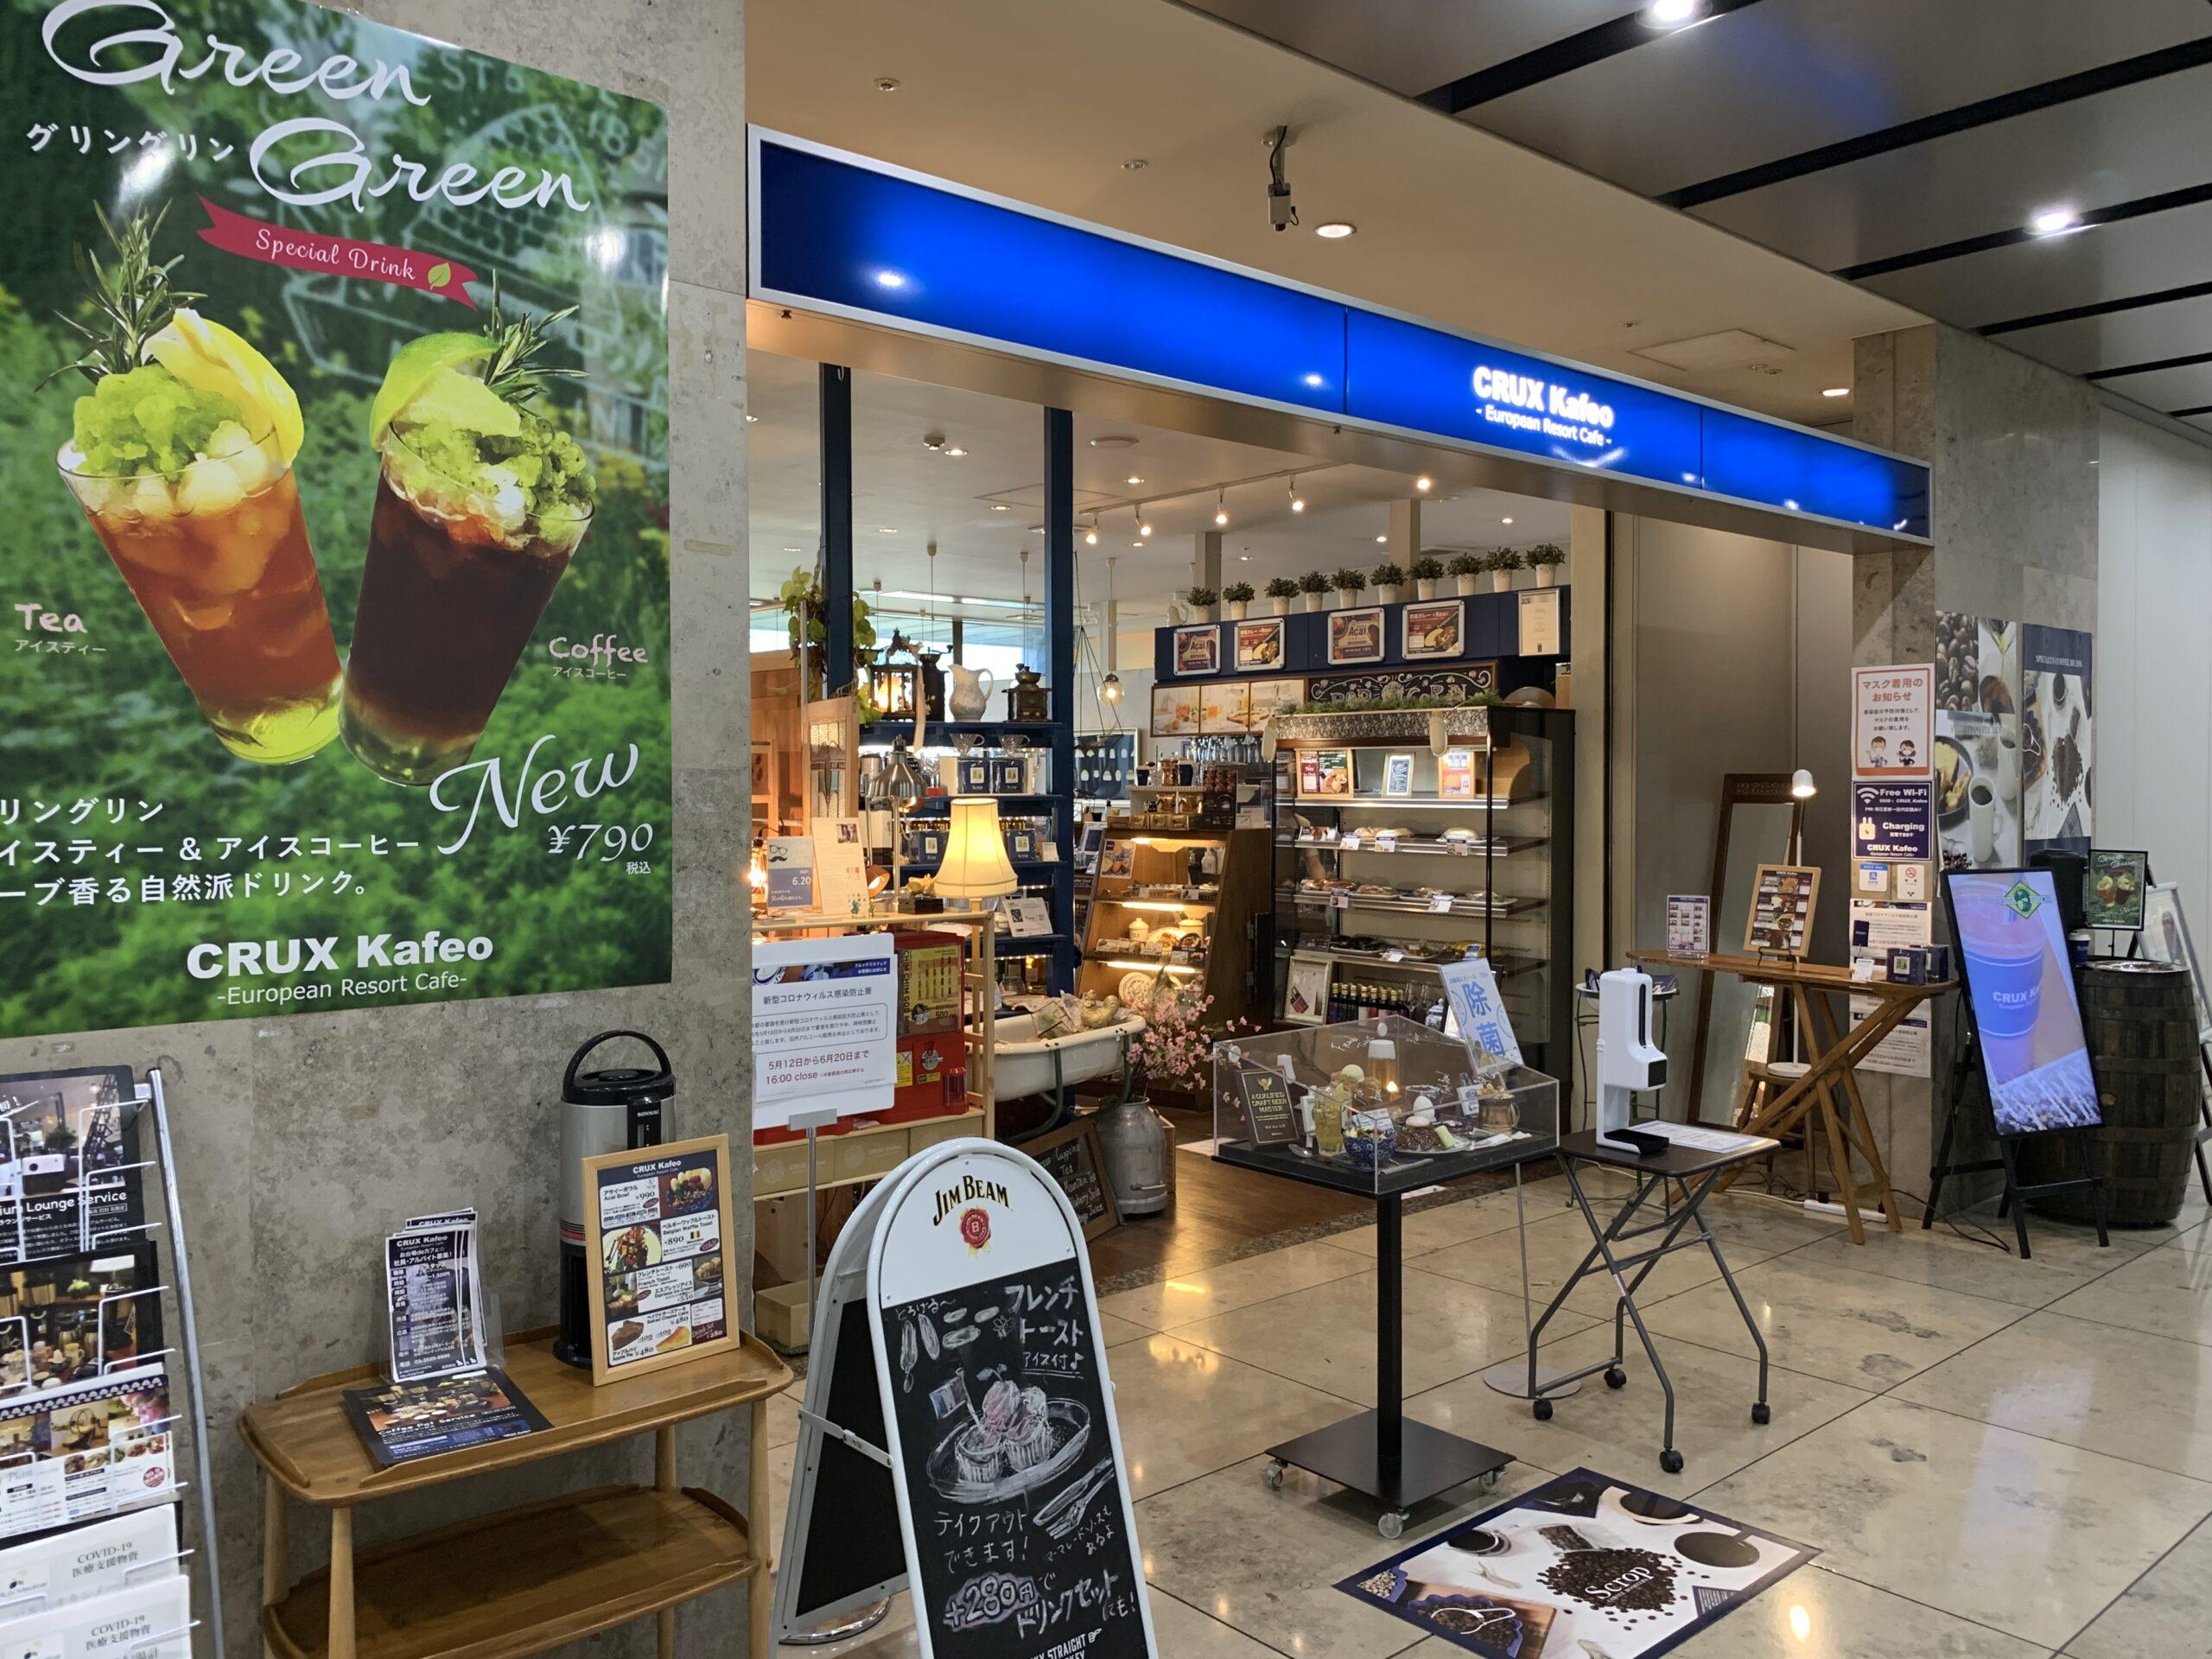 東京テレポート駅A CRUX Kafeo(クルックスカフェオ) Wi-Fi